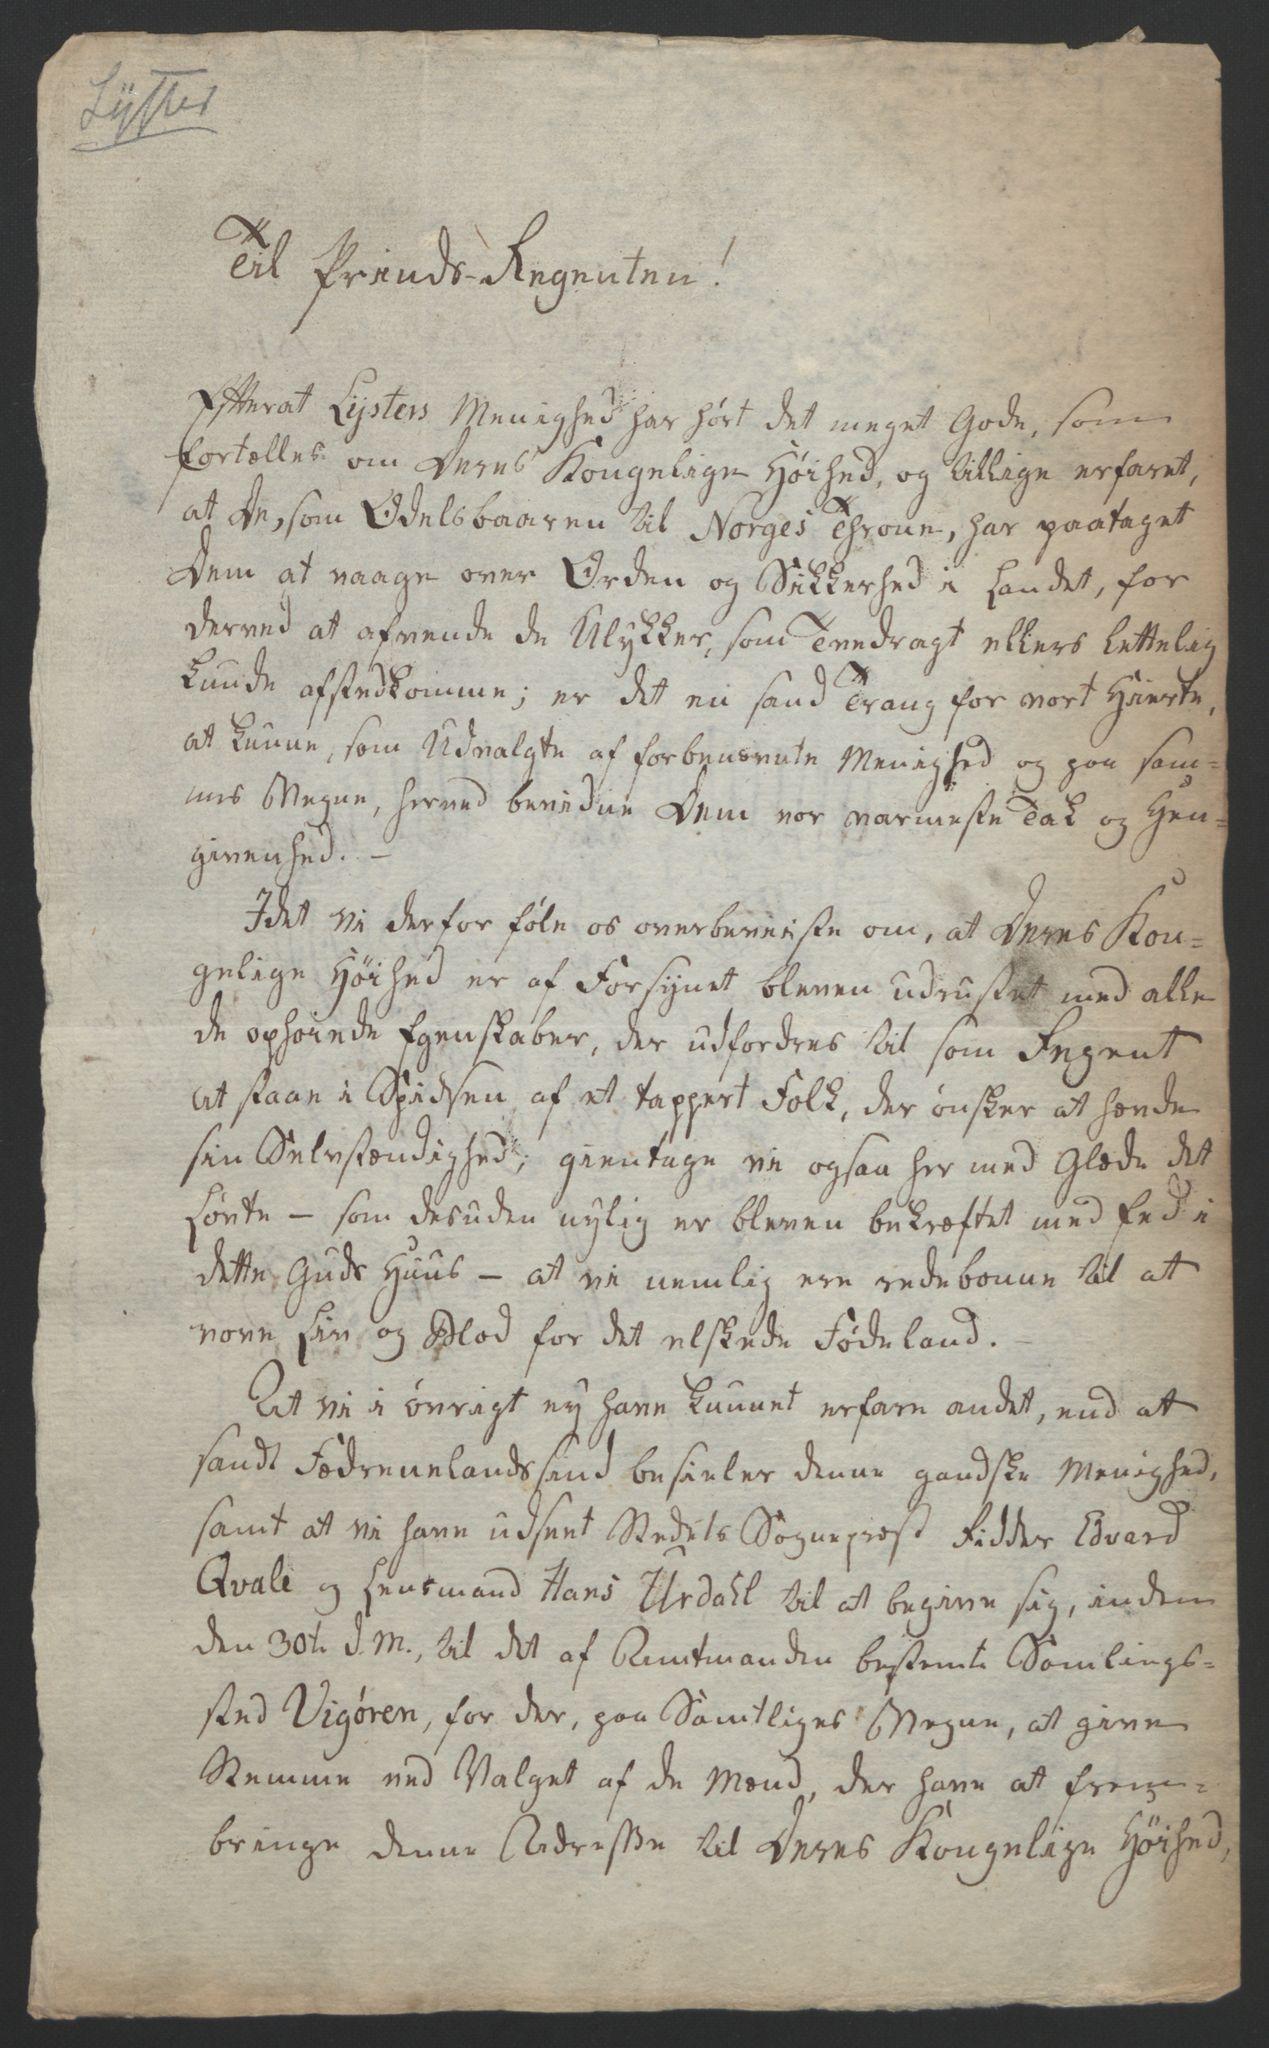 RA, Statsrådssekretariatet, D/Db/L0008: Fullmakter for Eidsvollsrepresentantene i 1814. , 1814, s. 340